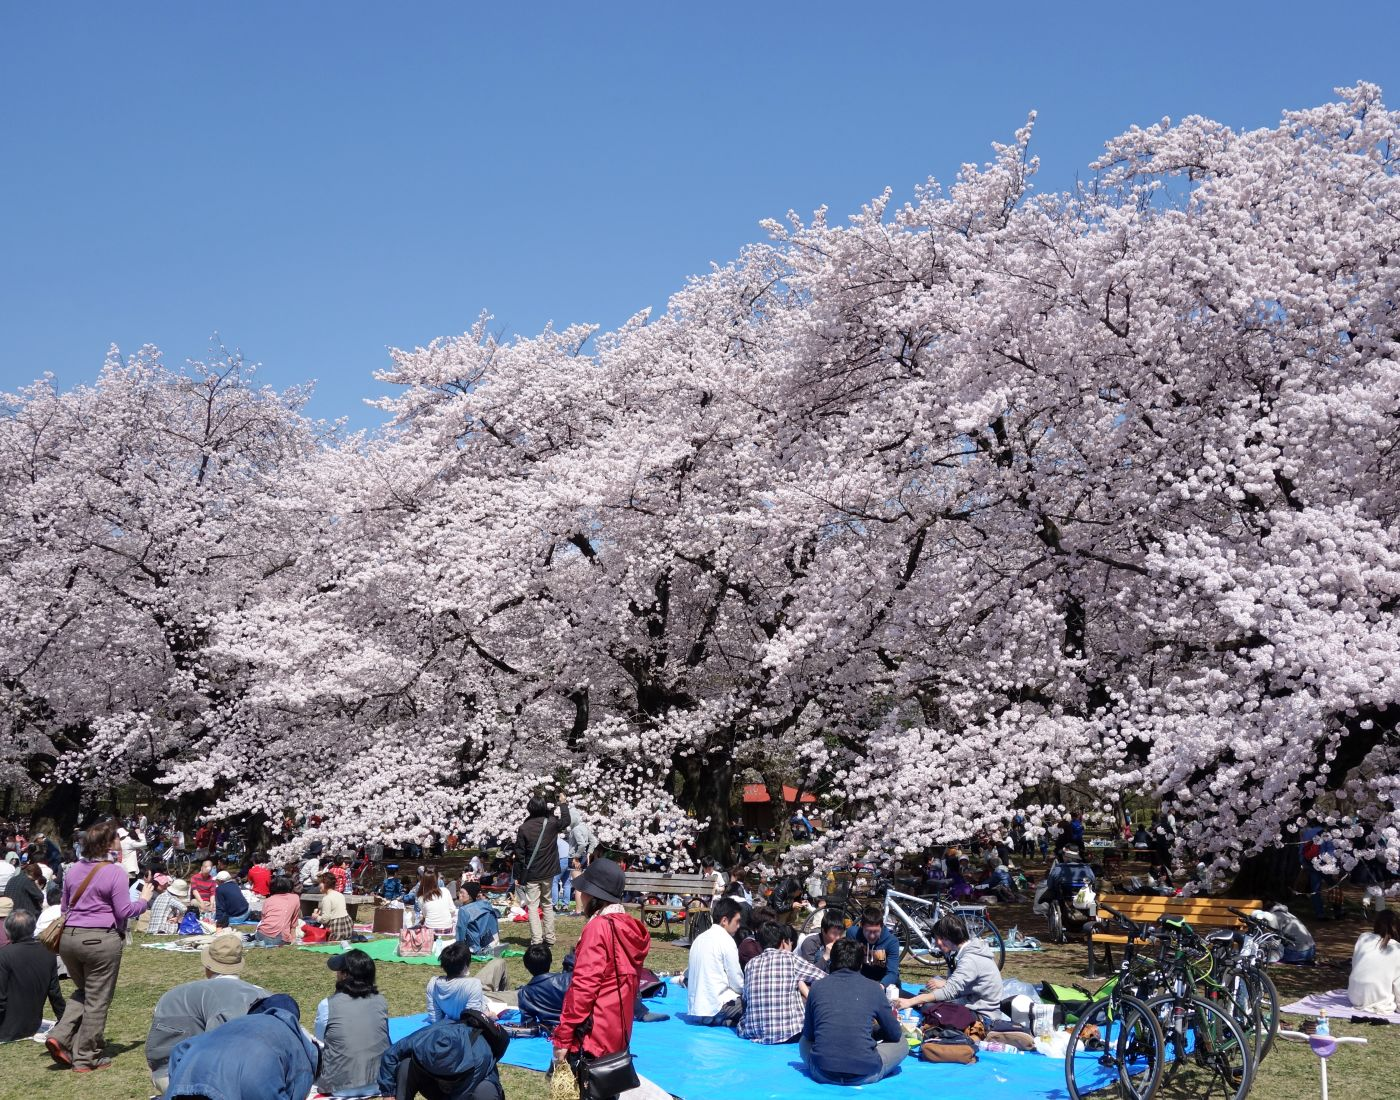 sitios donde disfrutar del hanami en Tokio